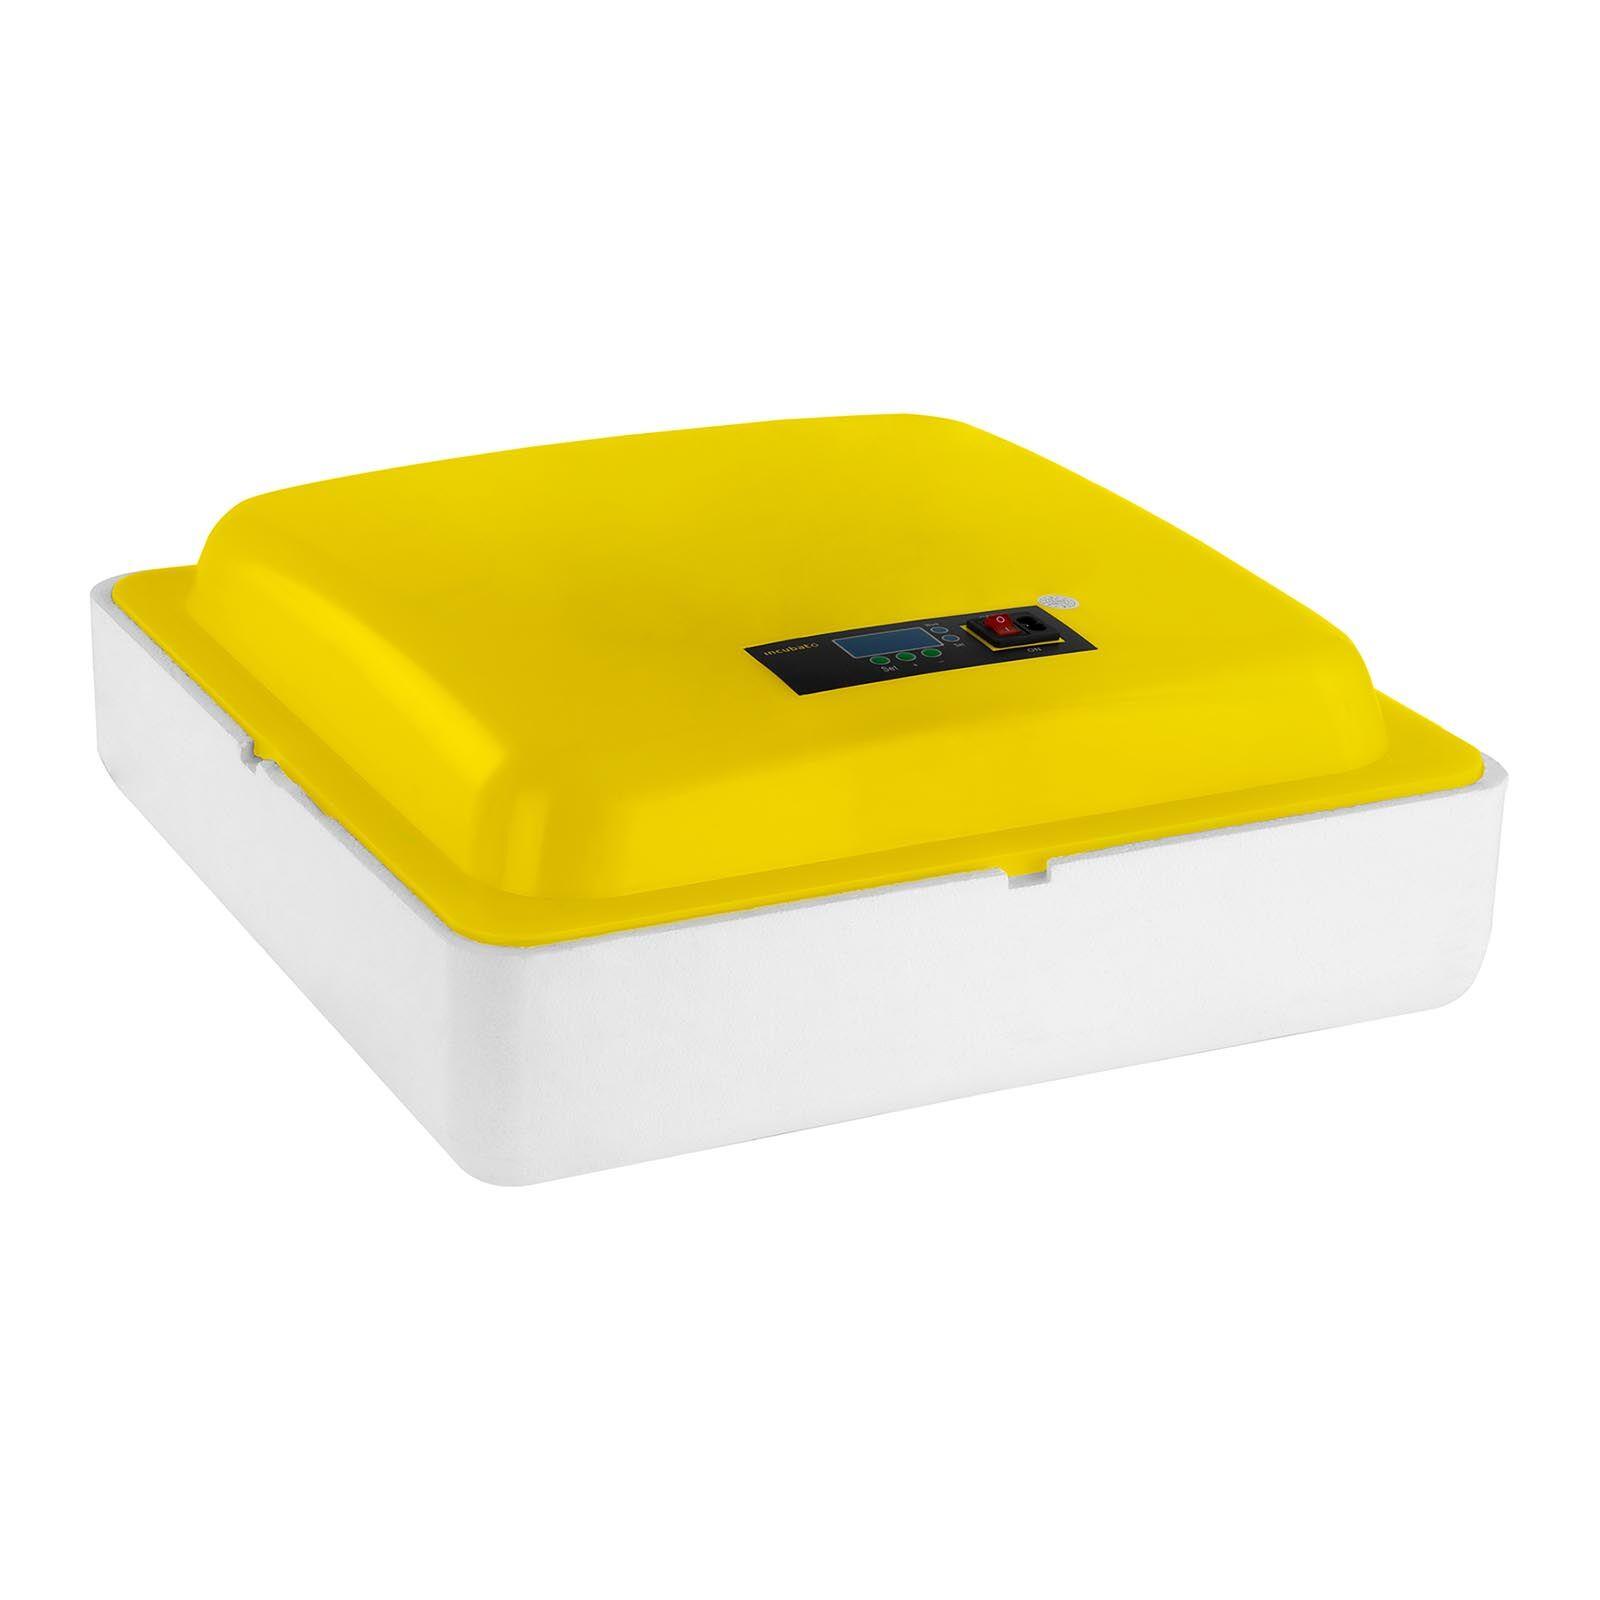 incubato Incubatrice per uova professionale - 88 uova - lampada sperauova inclusa IN-88DDI